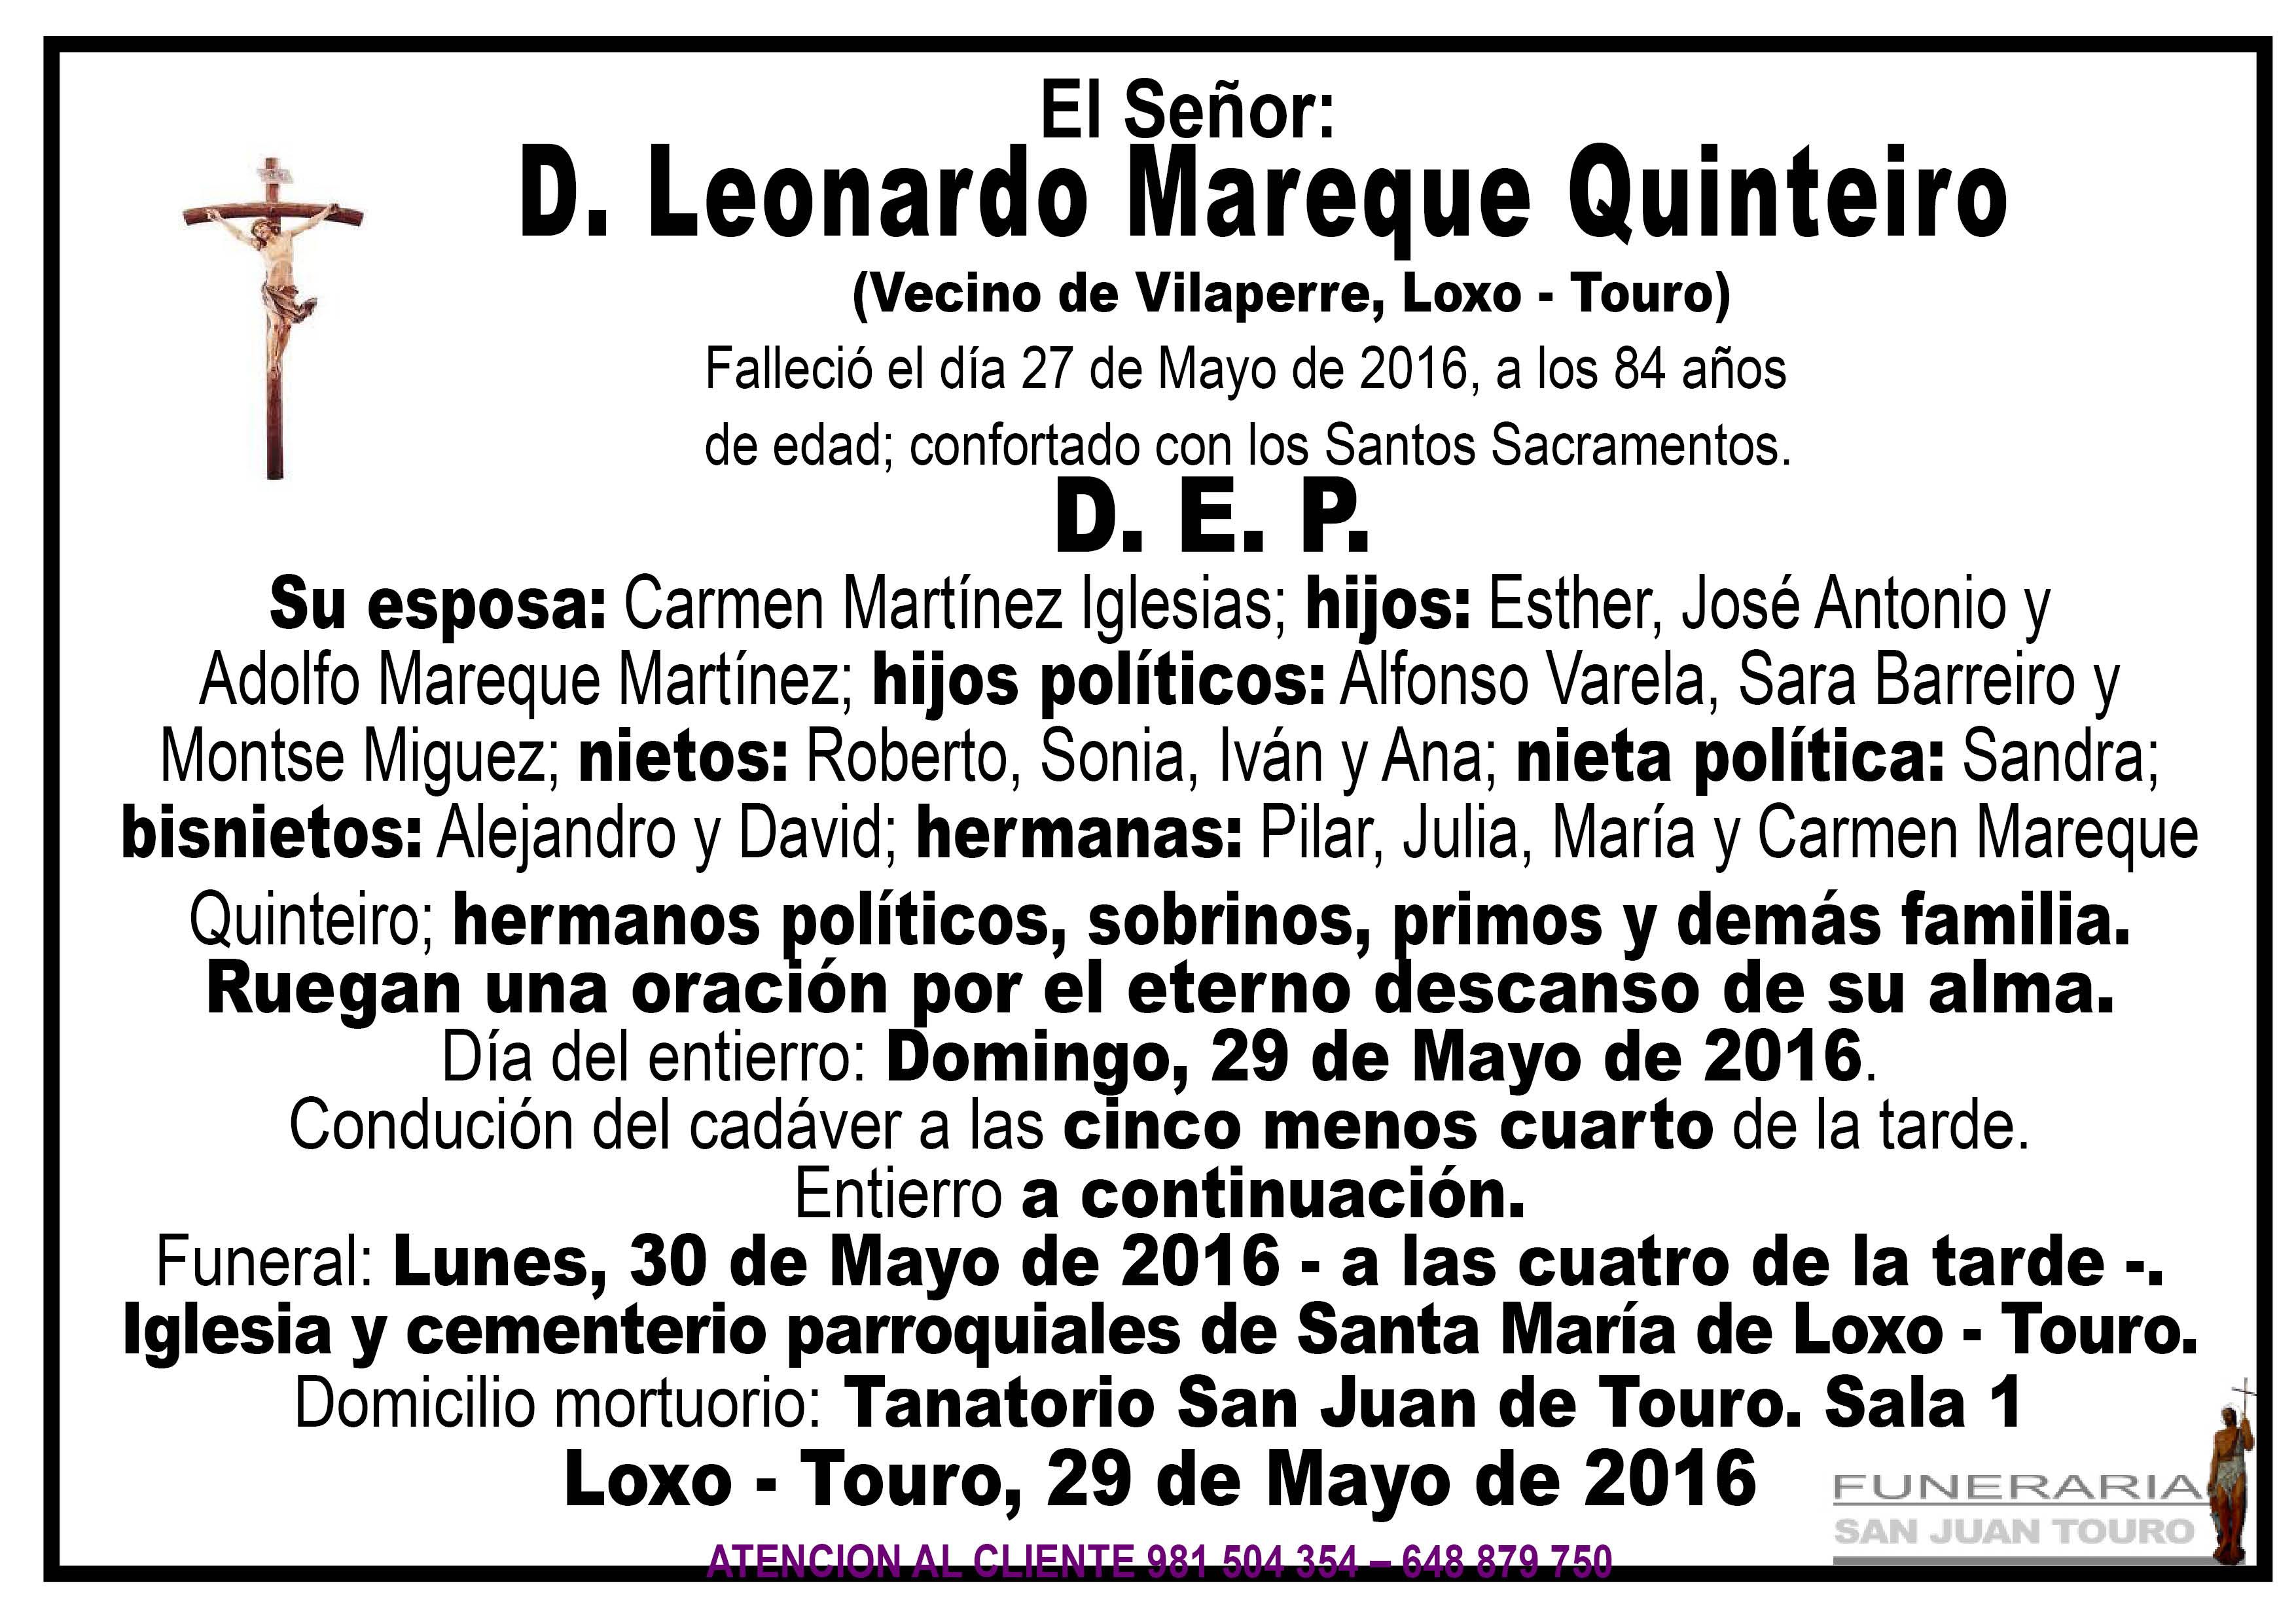 Esquela de SEPELIO D. LEONARDO MAREQUE QUINTEIRO